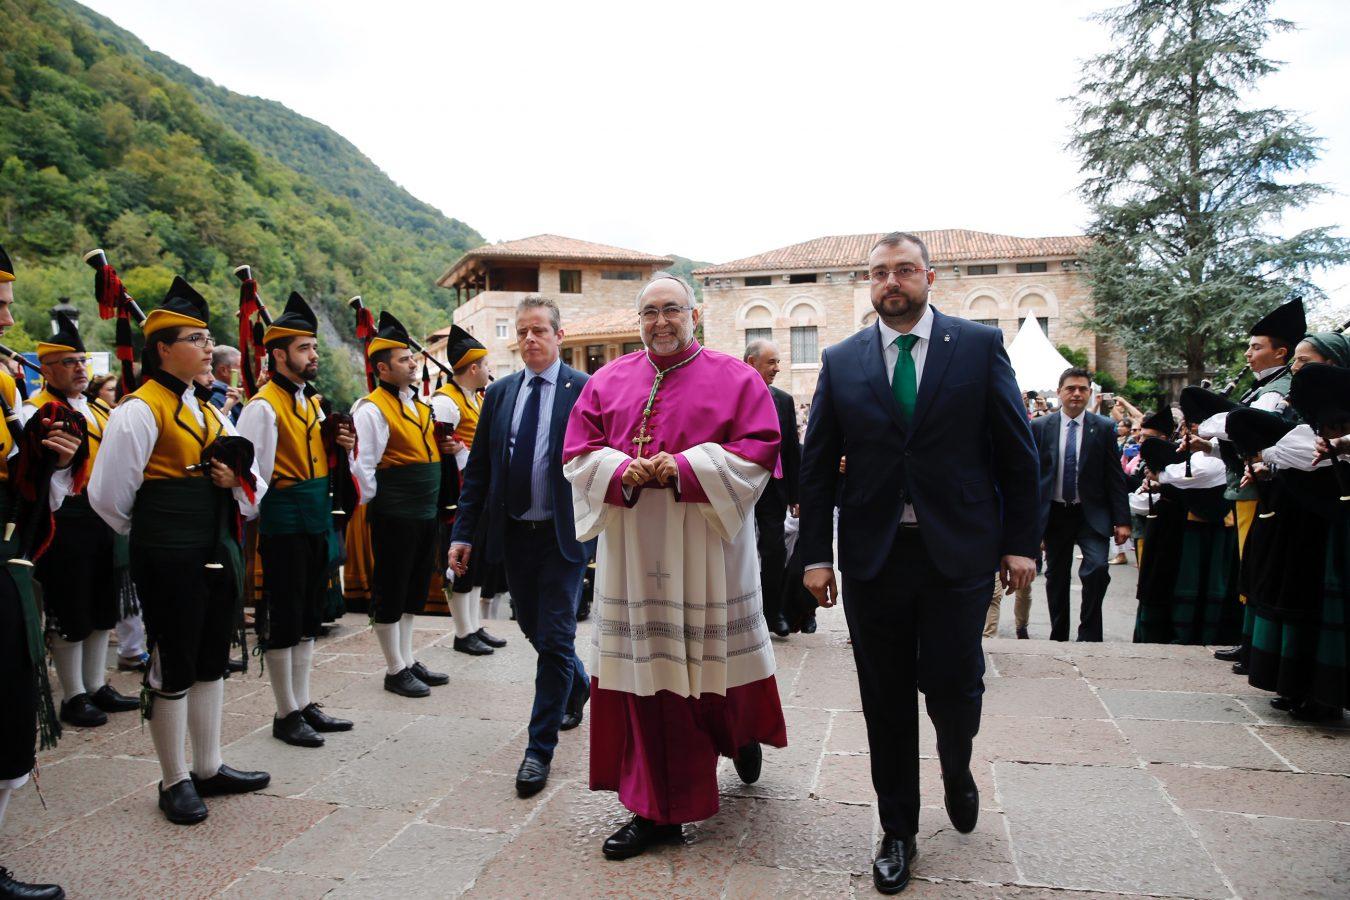 El Arzobispo ofrece colaboración al Principado en el Día de Covadonga